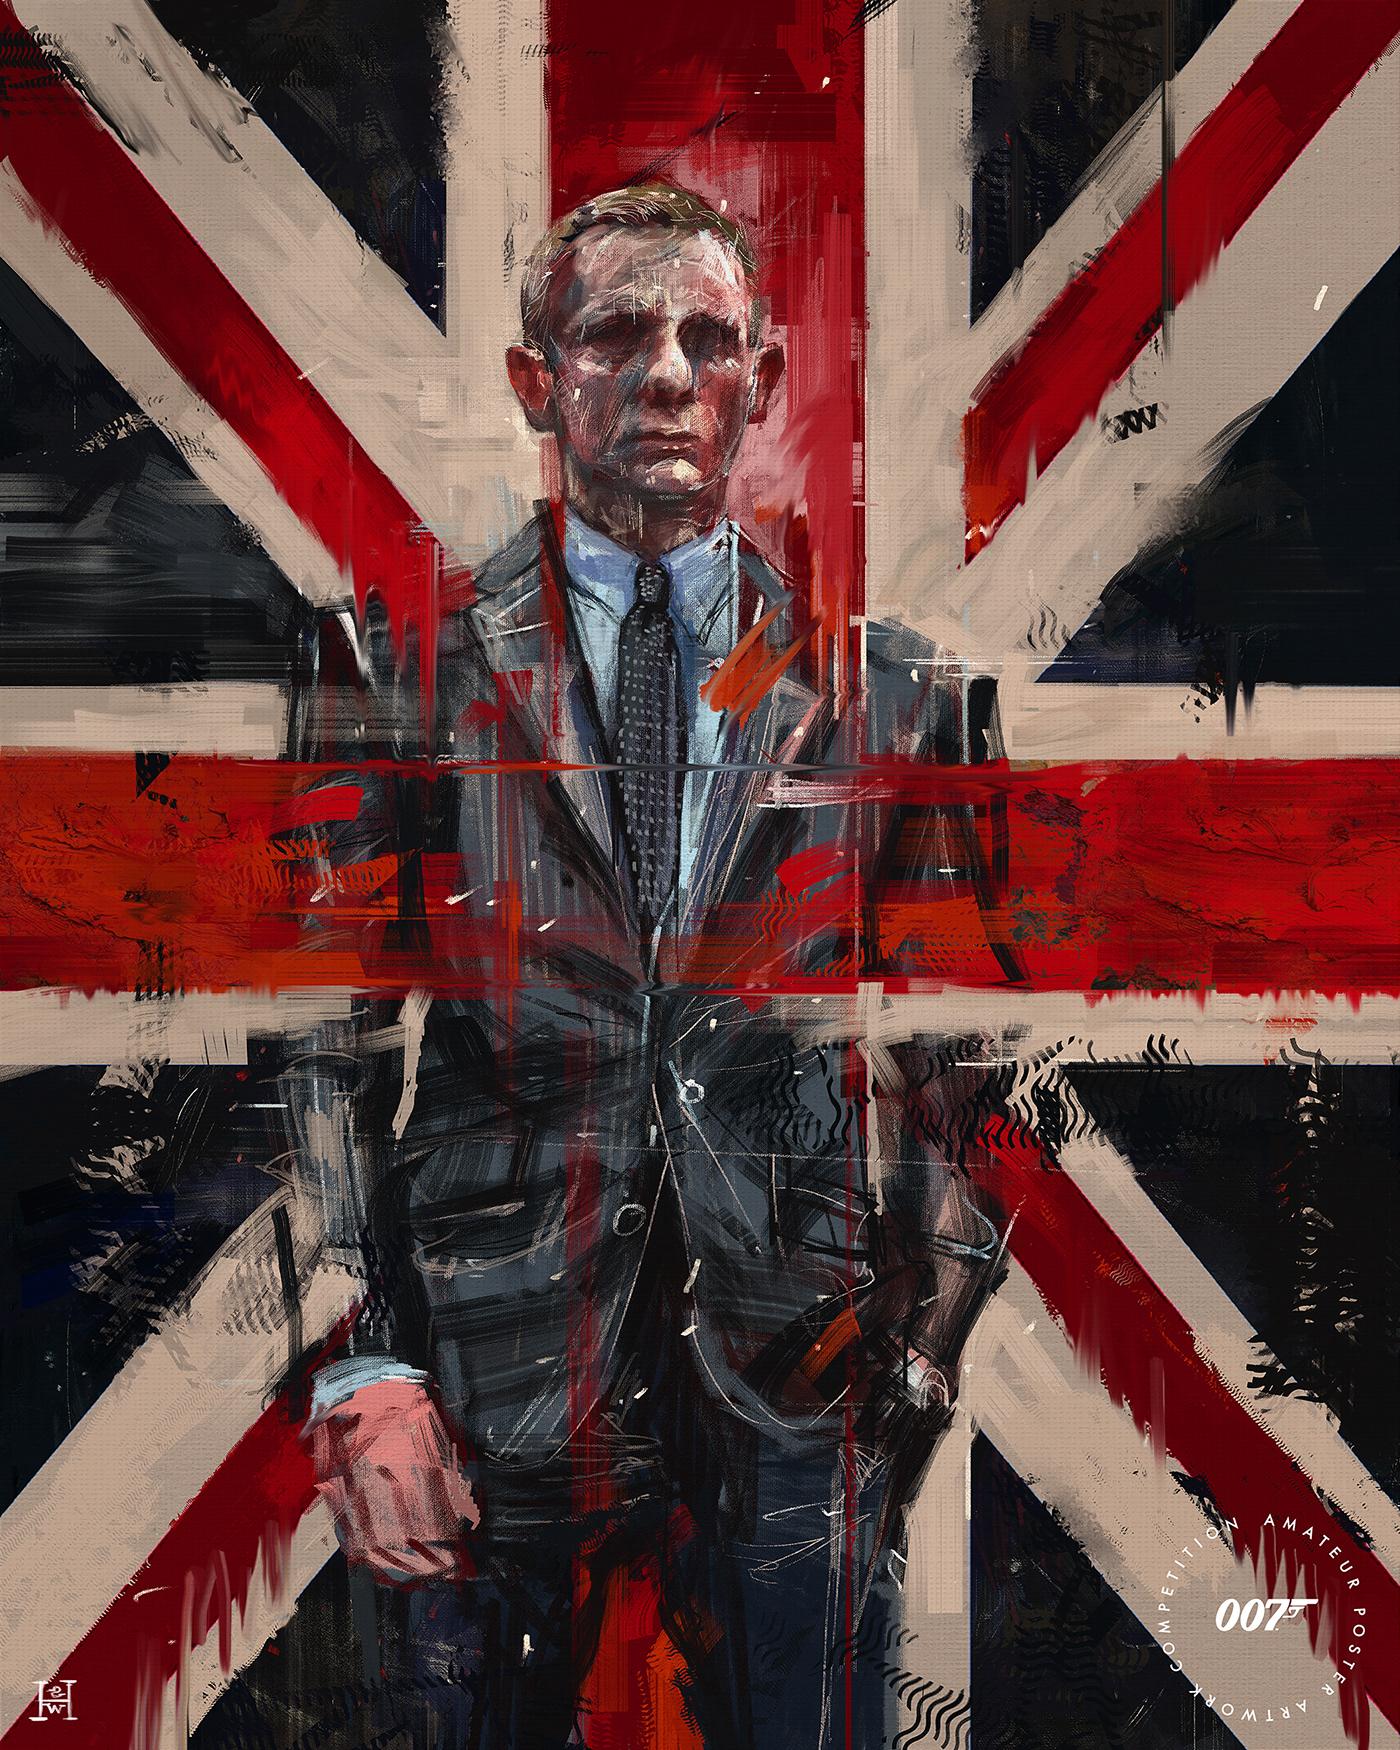 Commercial Illustration For 007 On Behance